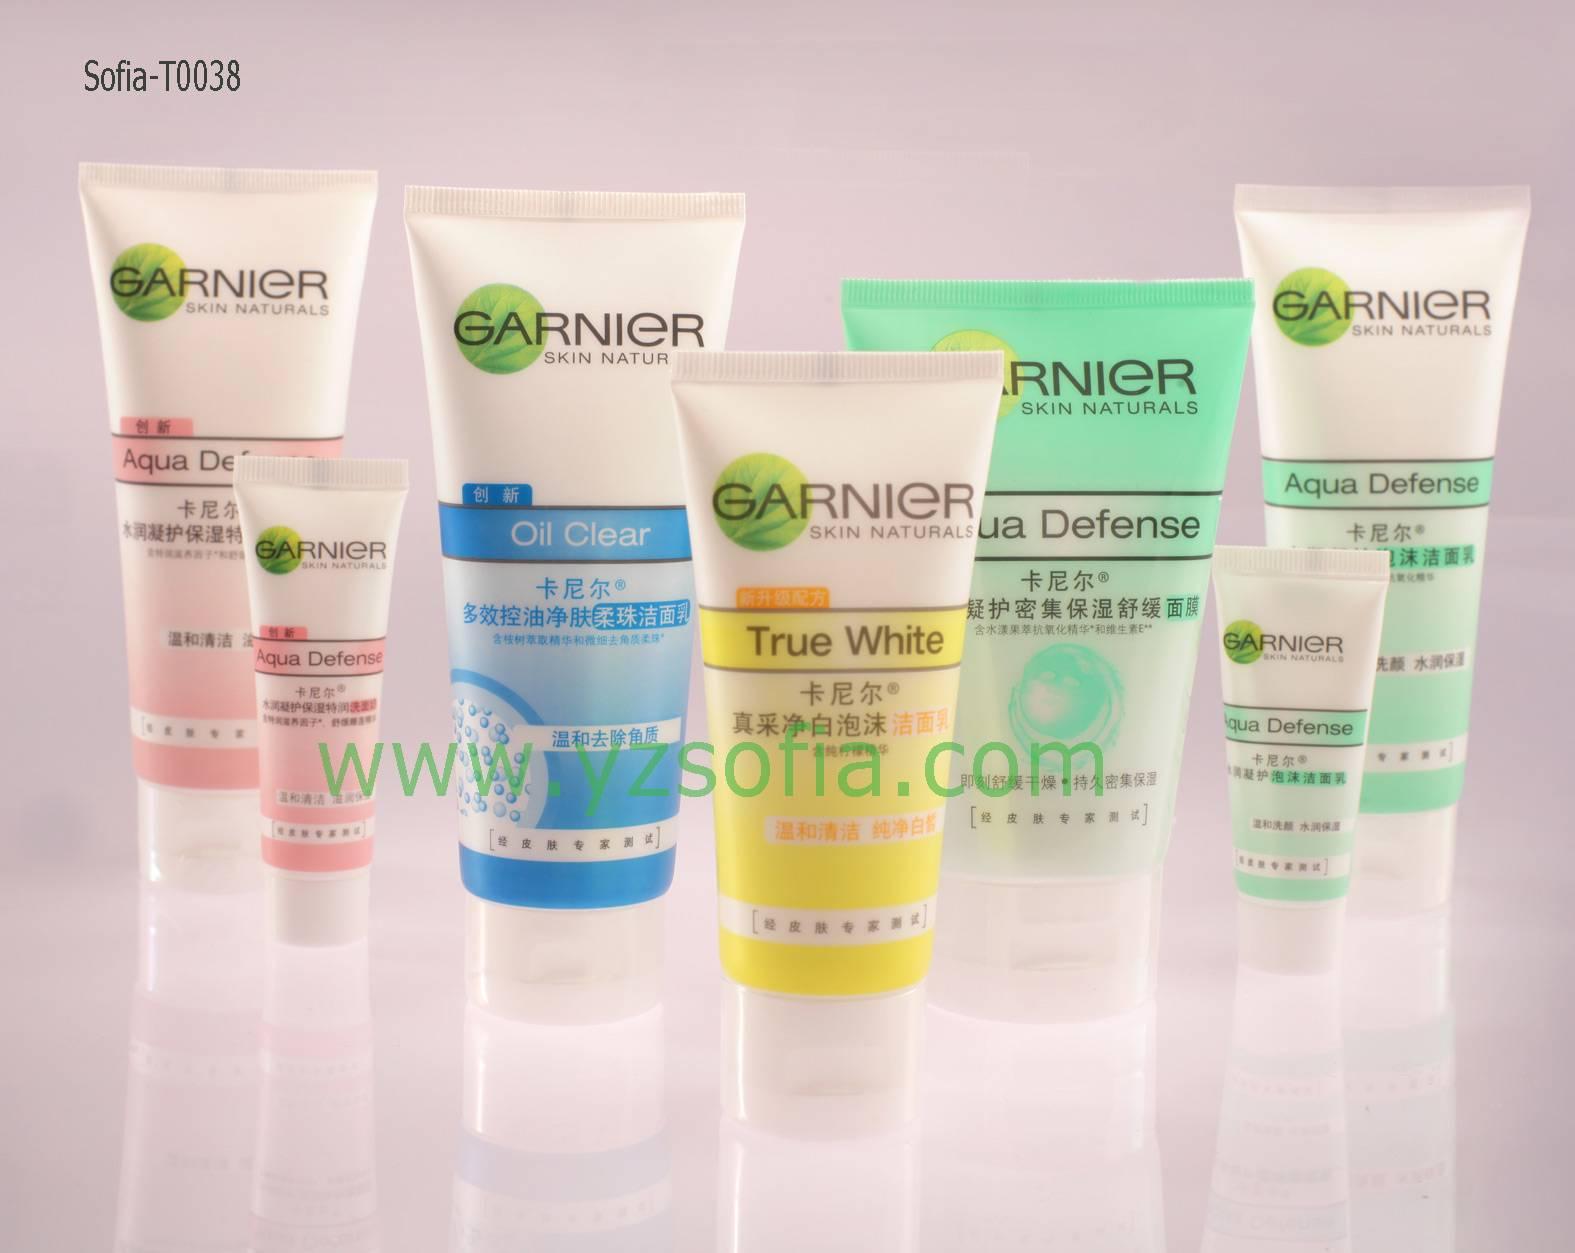 Hotel Shampoo / Bath Gel / Body Lotion / Conditioner 35ml